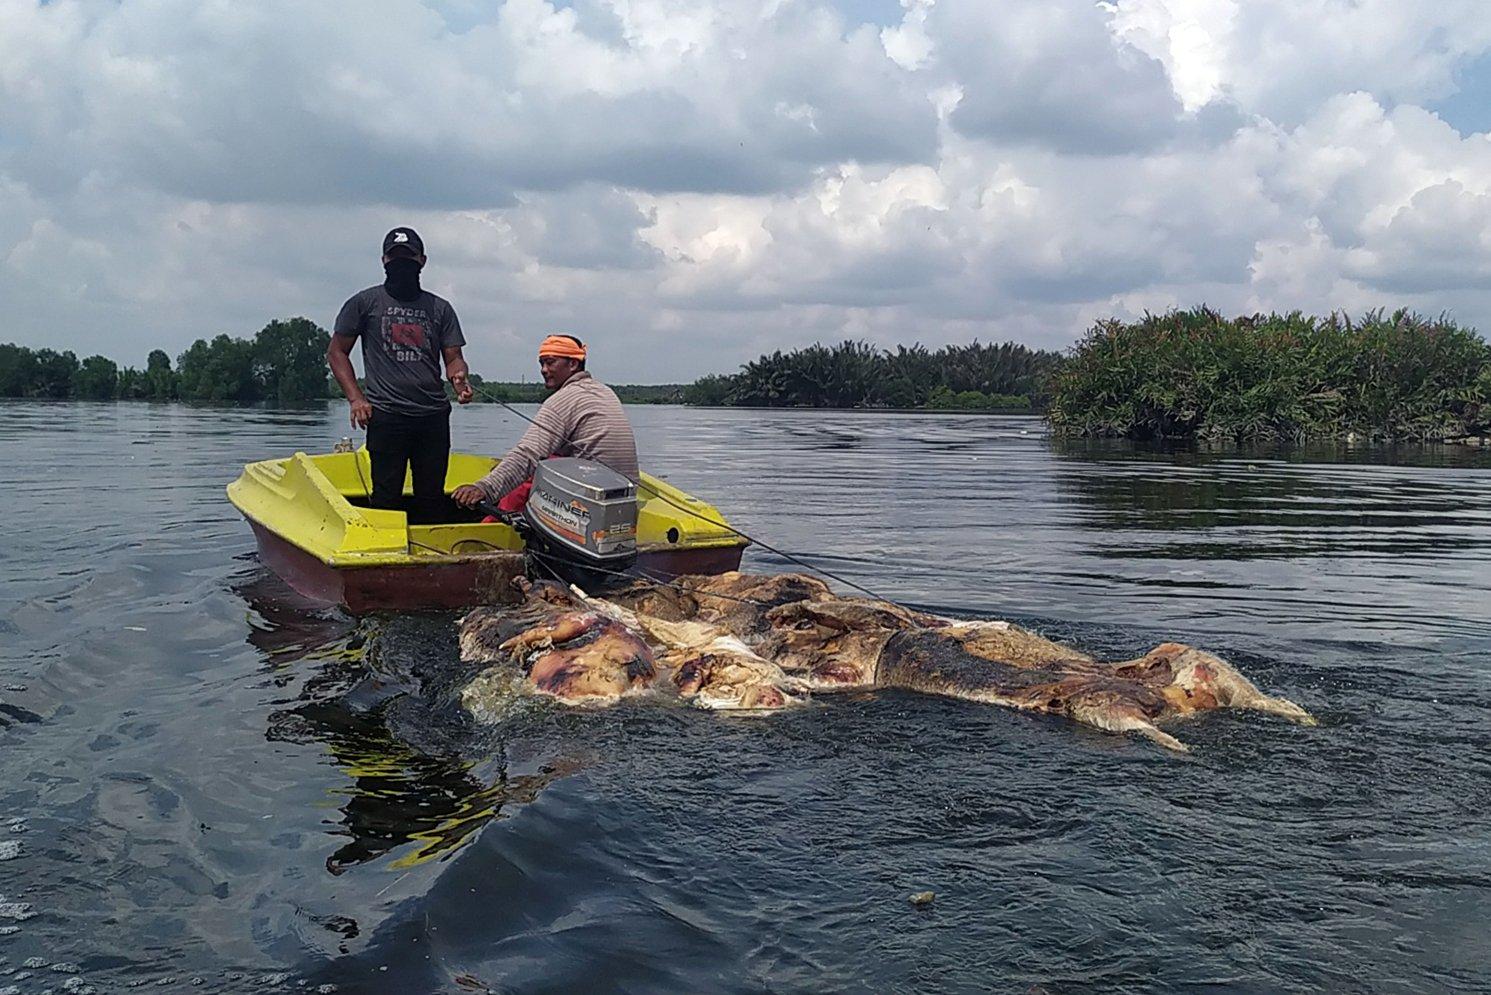 Warga membawa bangkai babi yang dibuang pemiliknya di Danau Siombak Marelan, Medan, Sumatera Utara, Senin (11/11/2019)